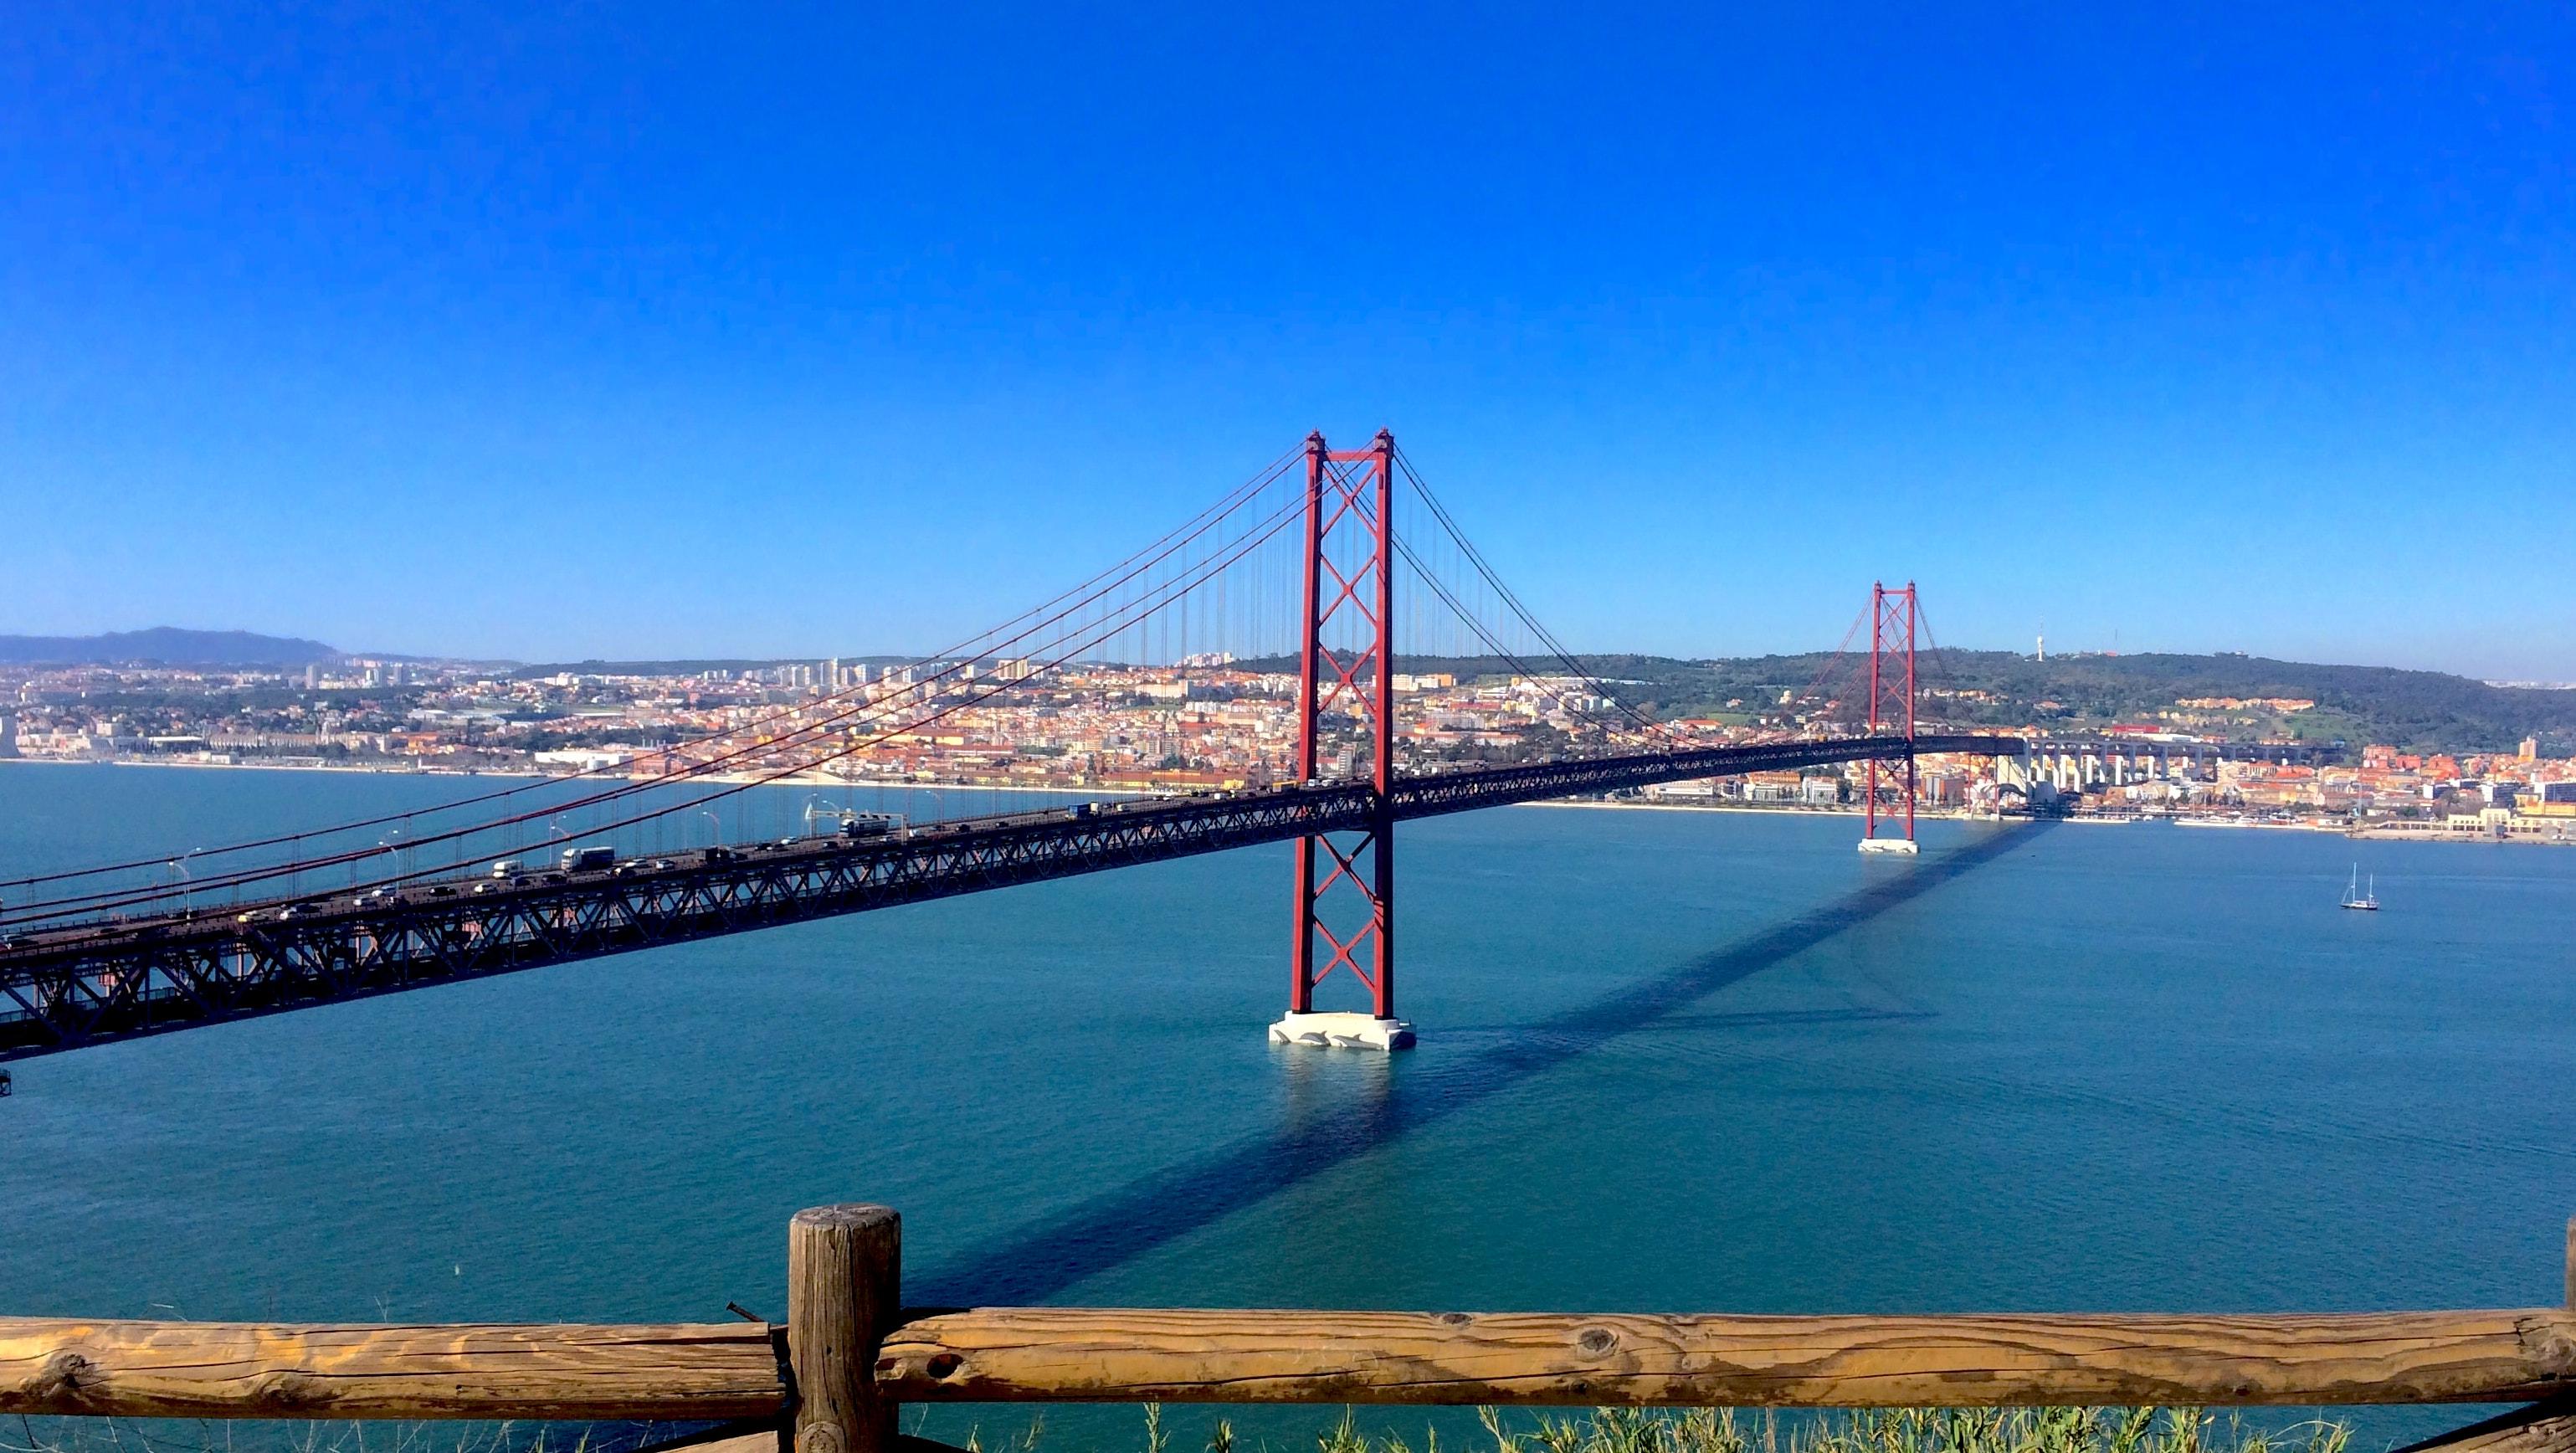 25 de abril Portugal revolução dos cravos real estate metasearch